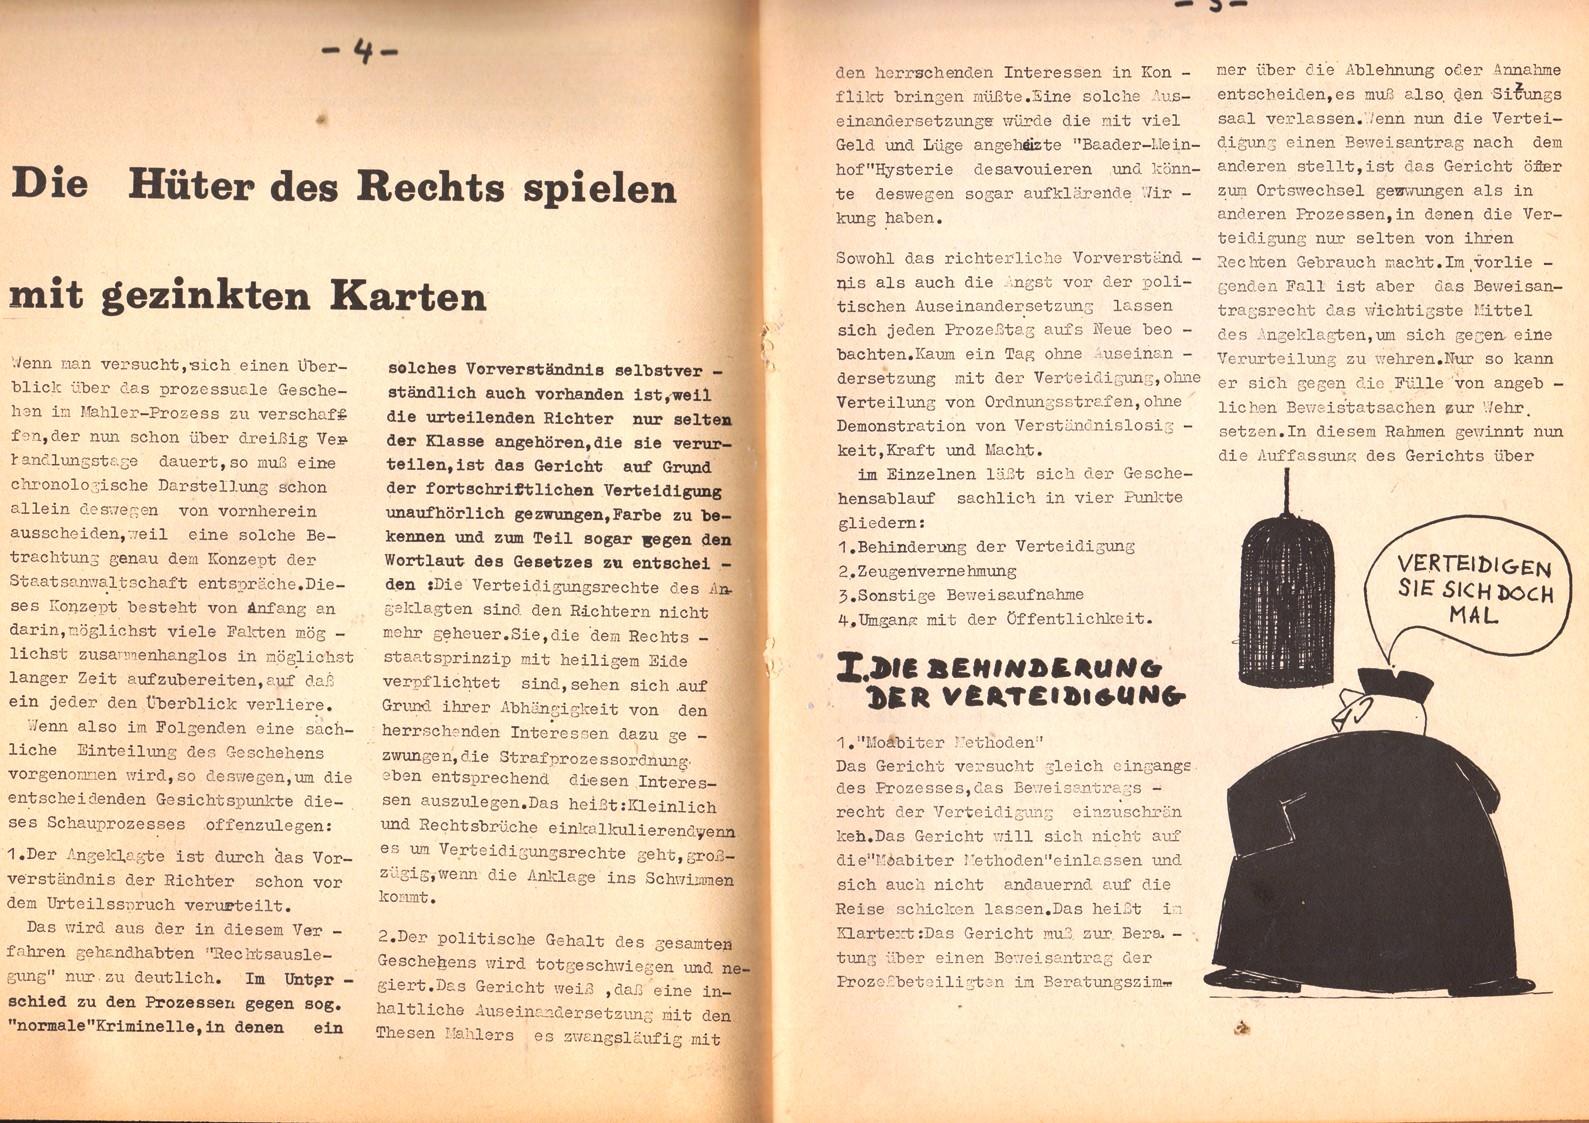 Berlin_RH_1973_zu_Horst_Mahler_04